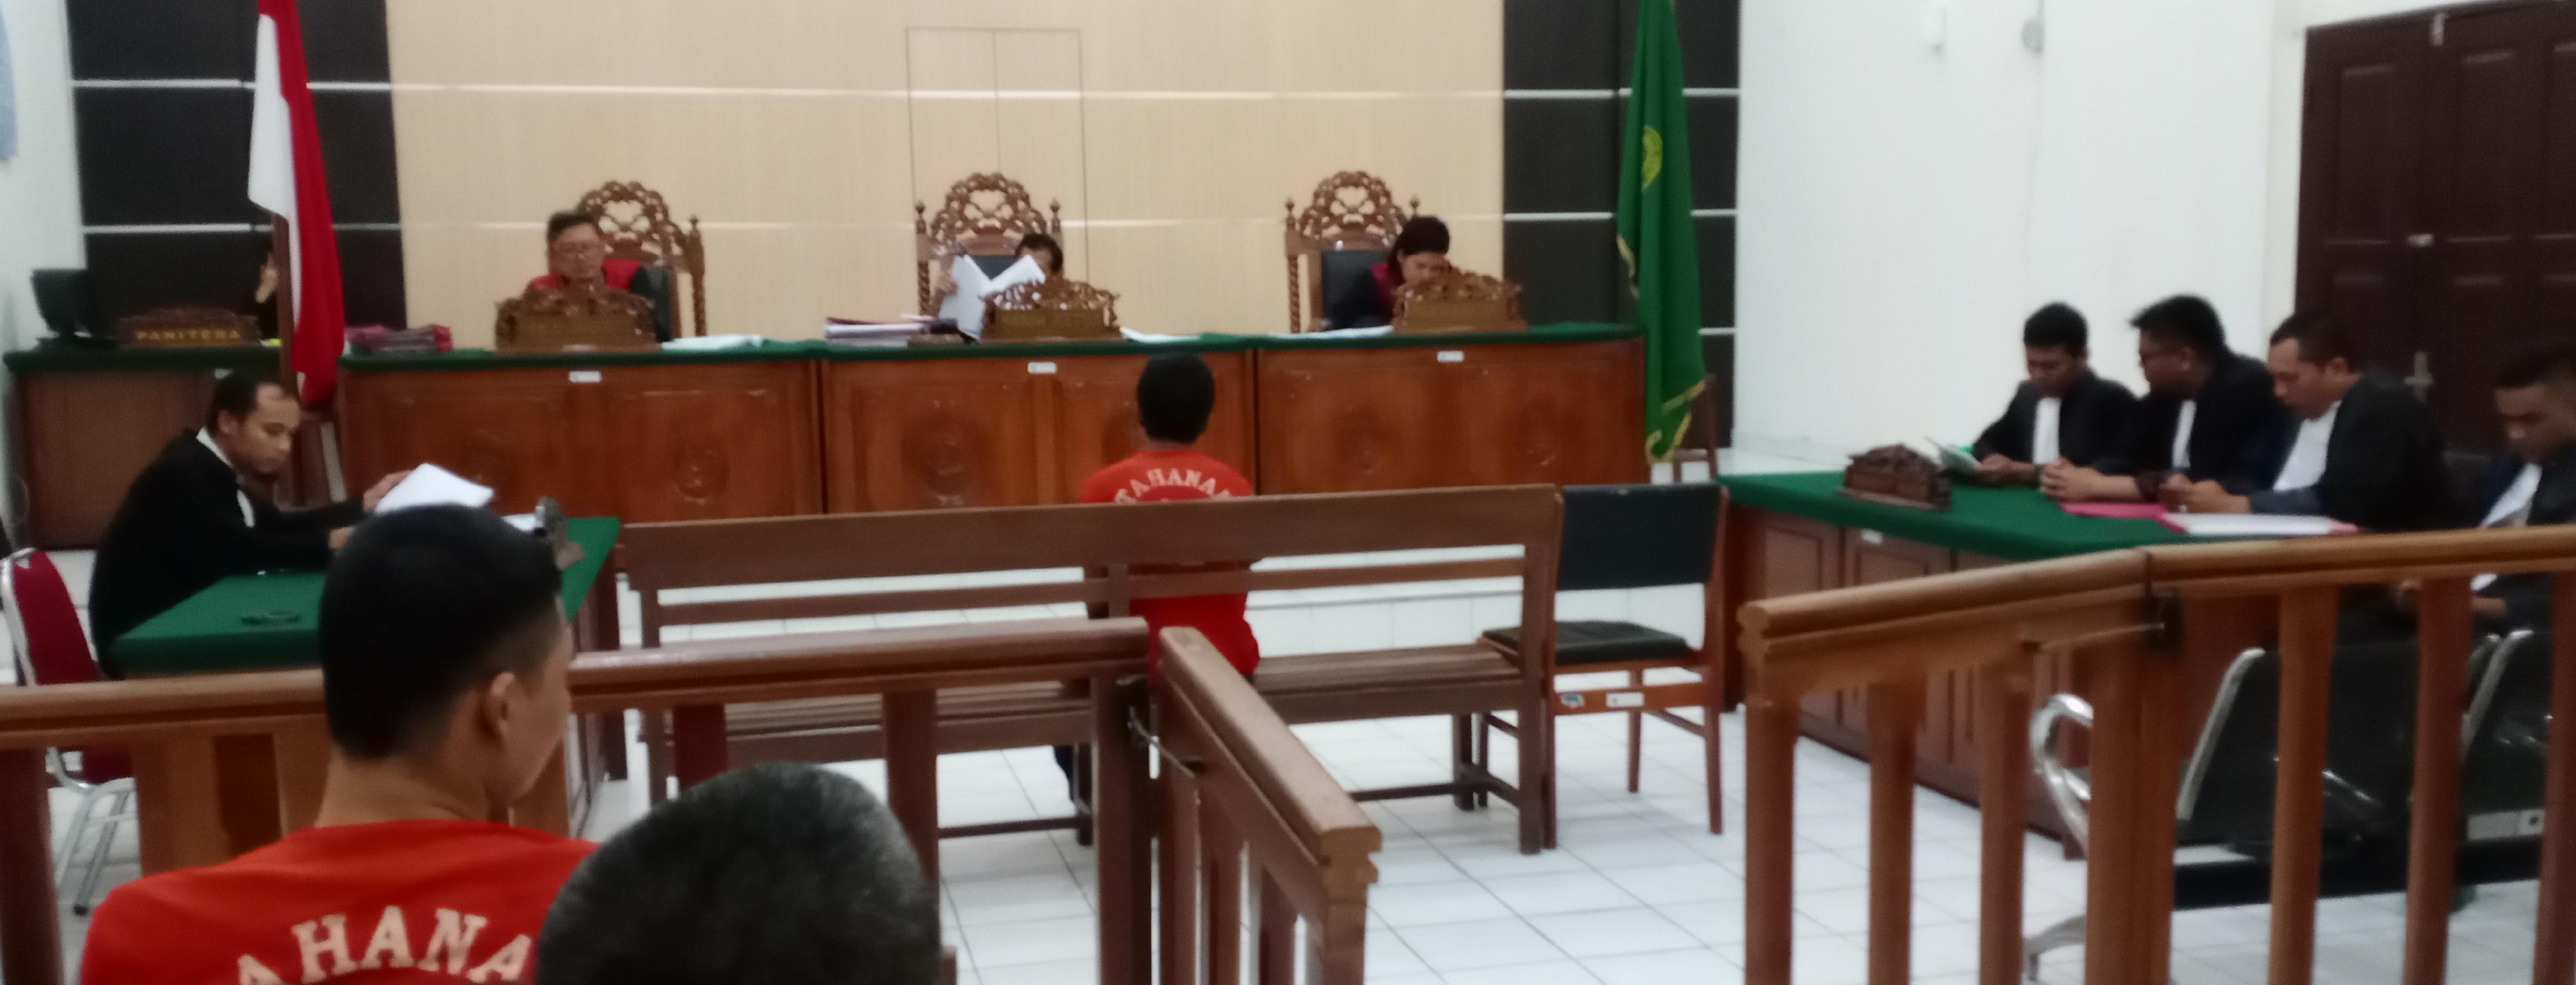 Surat Dakwaan JPU Tidak Lengkap dan Cermat. LBH Mahatva Minta Hakim Bebaskan Terdakwa